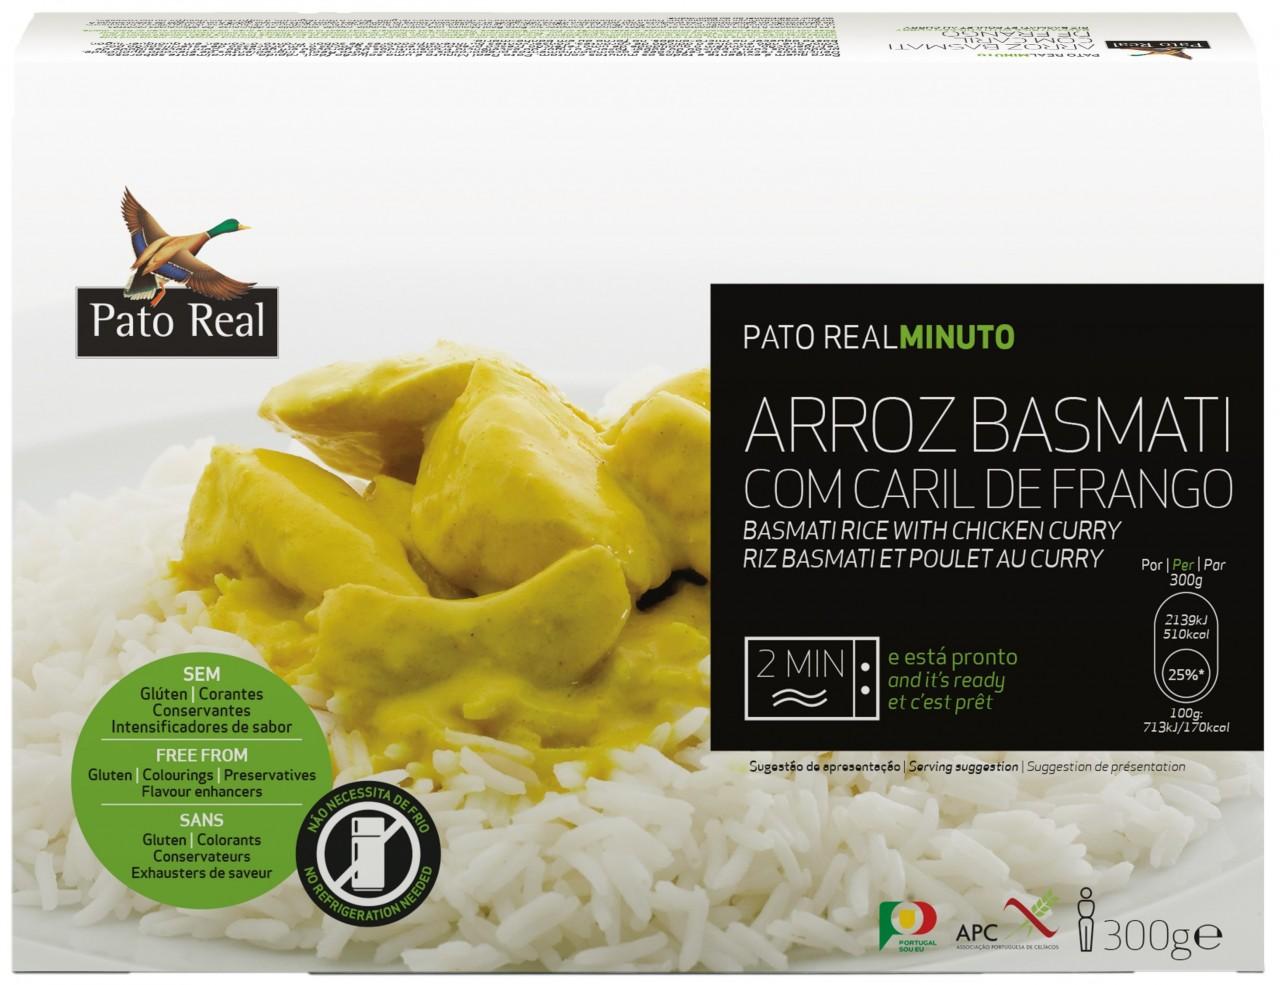 Basmatireis mit Hähnchen-Curry - Arroz Basmati com Caril de Frango 300gr. - Pato Real